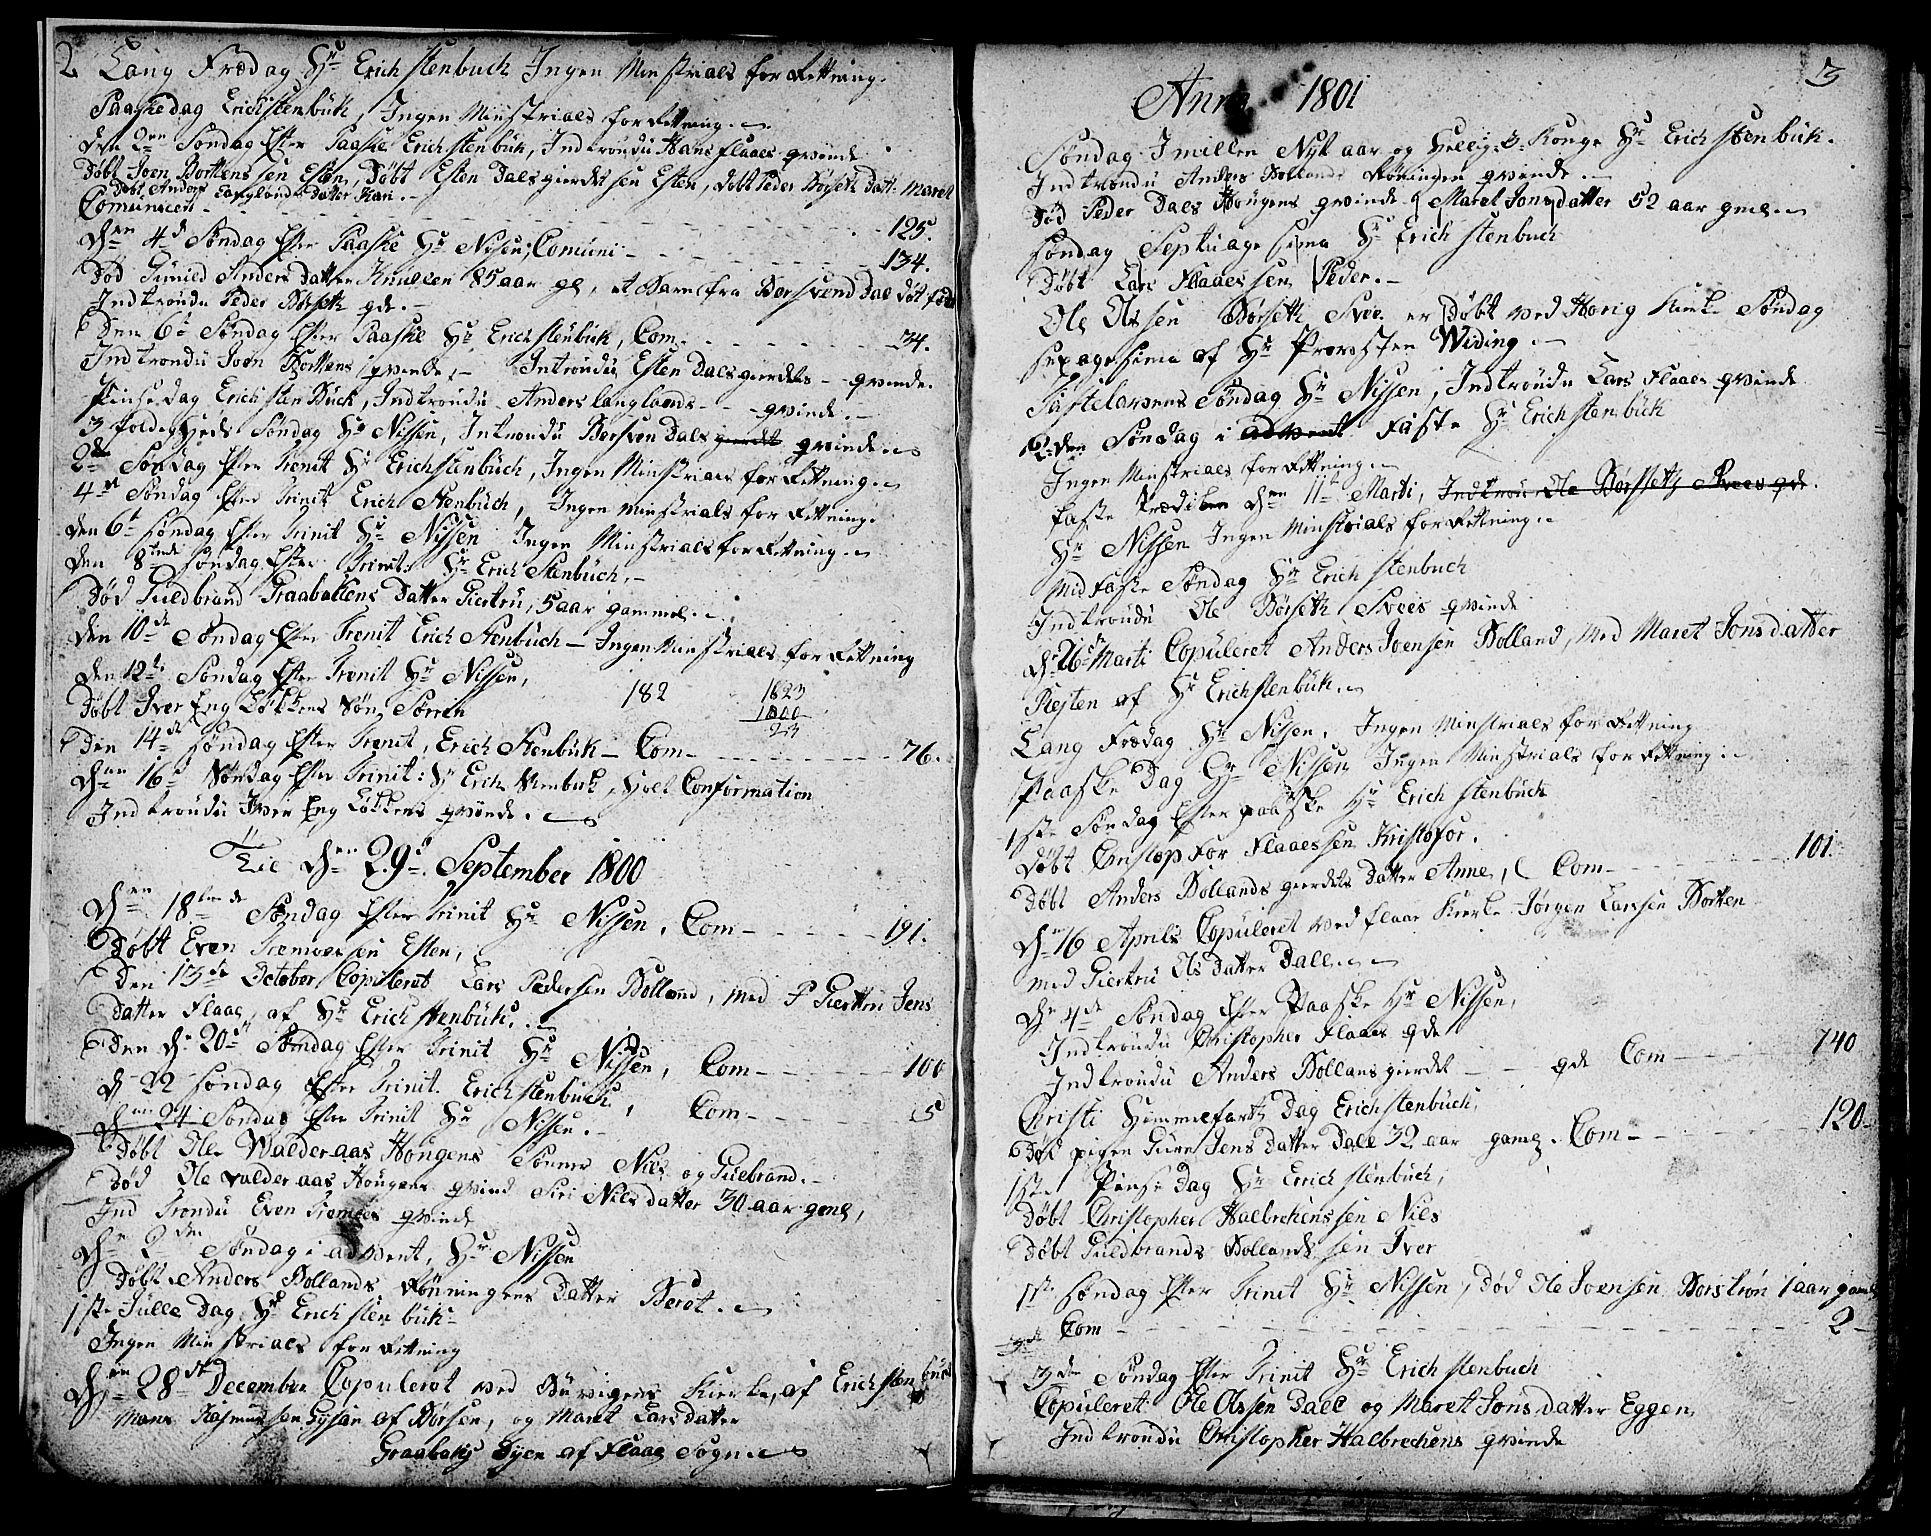 SAT, Ministerialprotokoller, klokkerbøker og fødselsregistre - Sør-Trøndelag, 693/L1120: Klokkerbok nr. 693C01, 1799-1816, s. 2-3